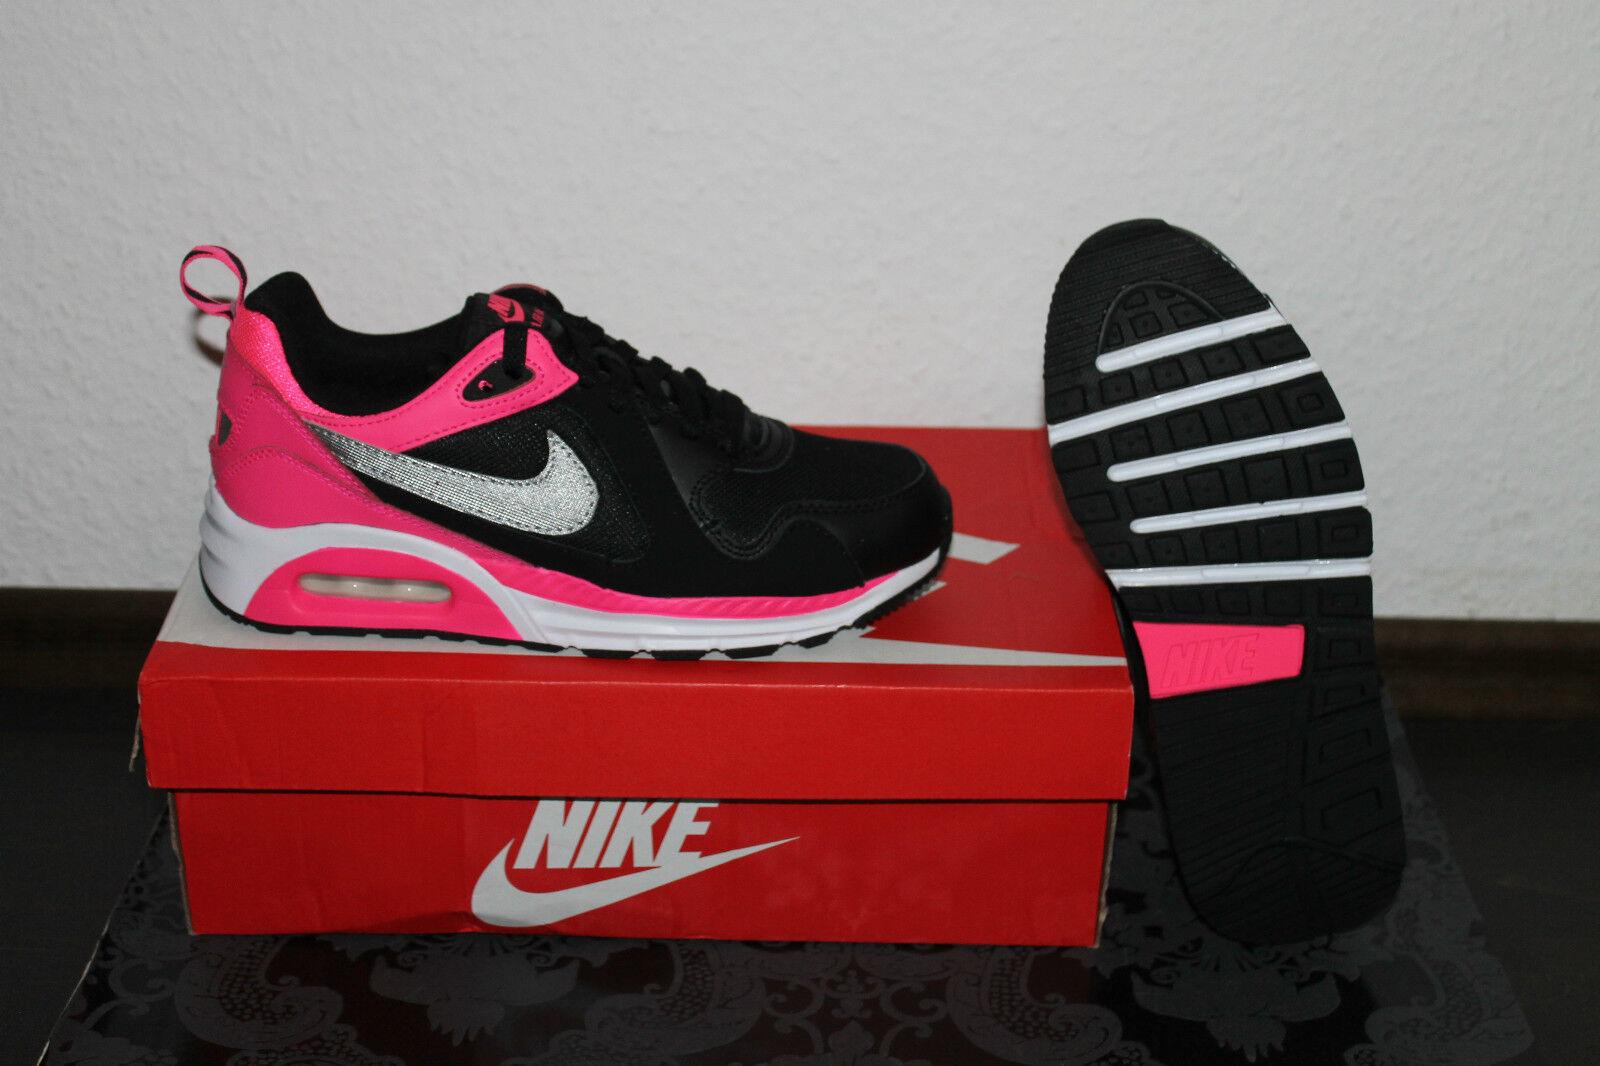 Nike Air Max Trax donna corsa scarpe nere fucsia argento taglia 36,5;38;38,5